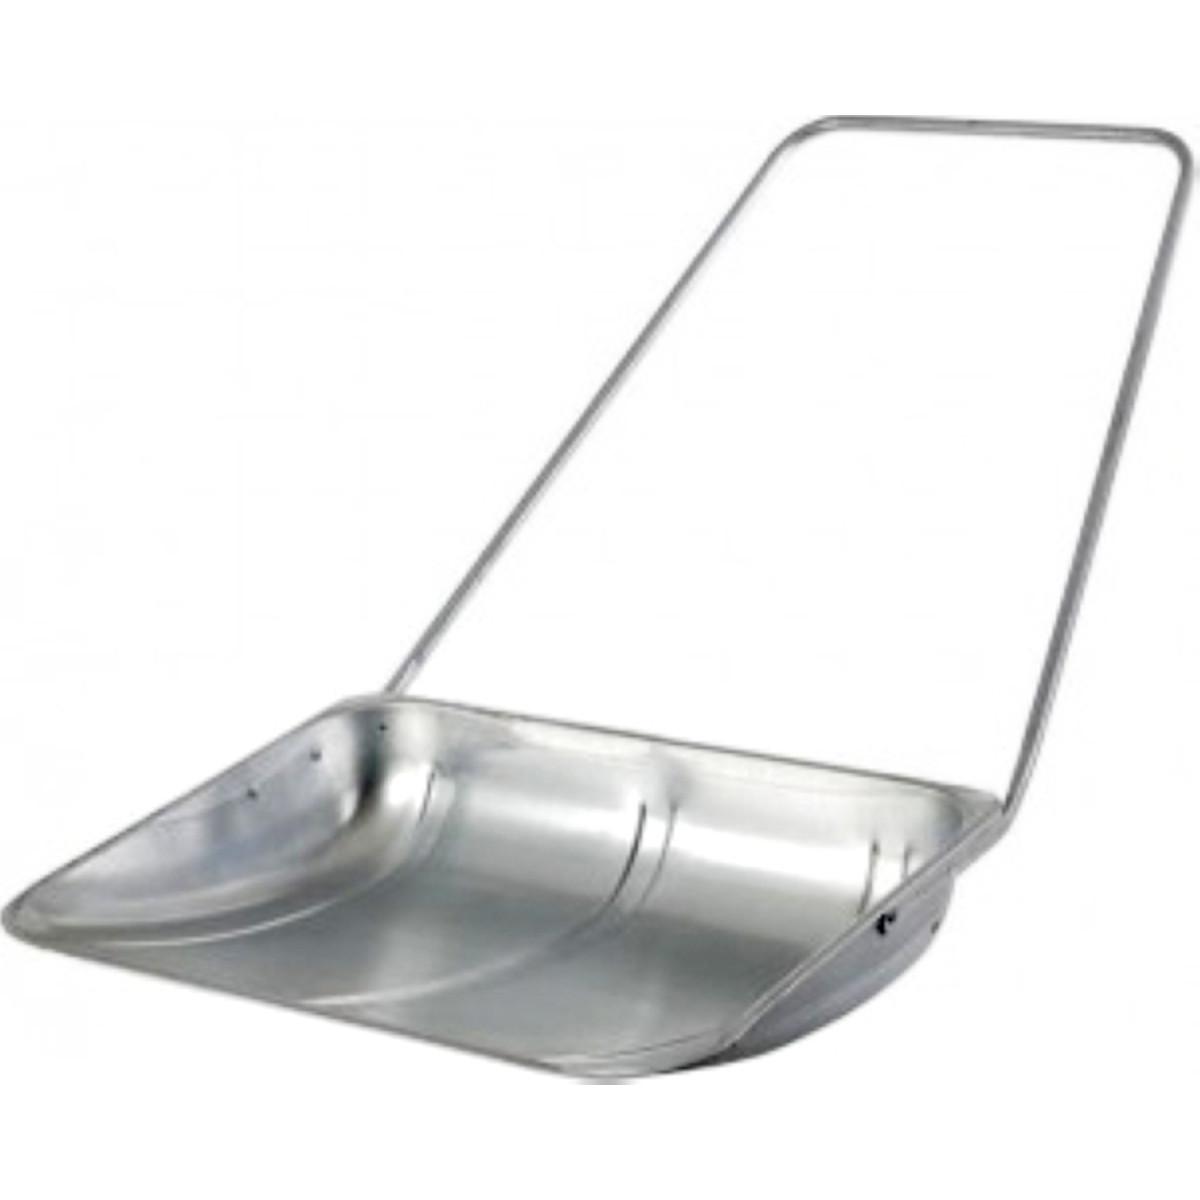 Скрепер для снега AL-KO 72 140 см нержавеющая сталь